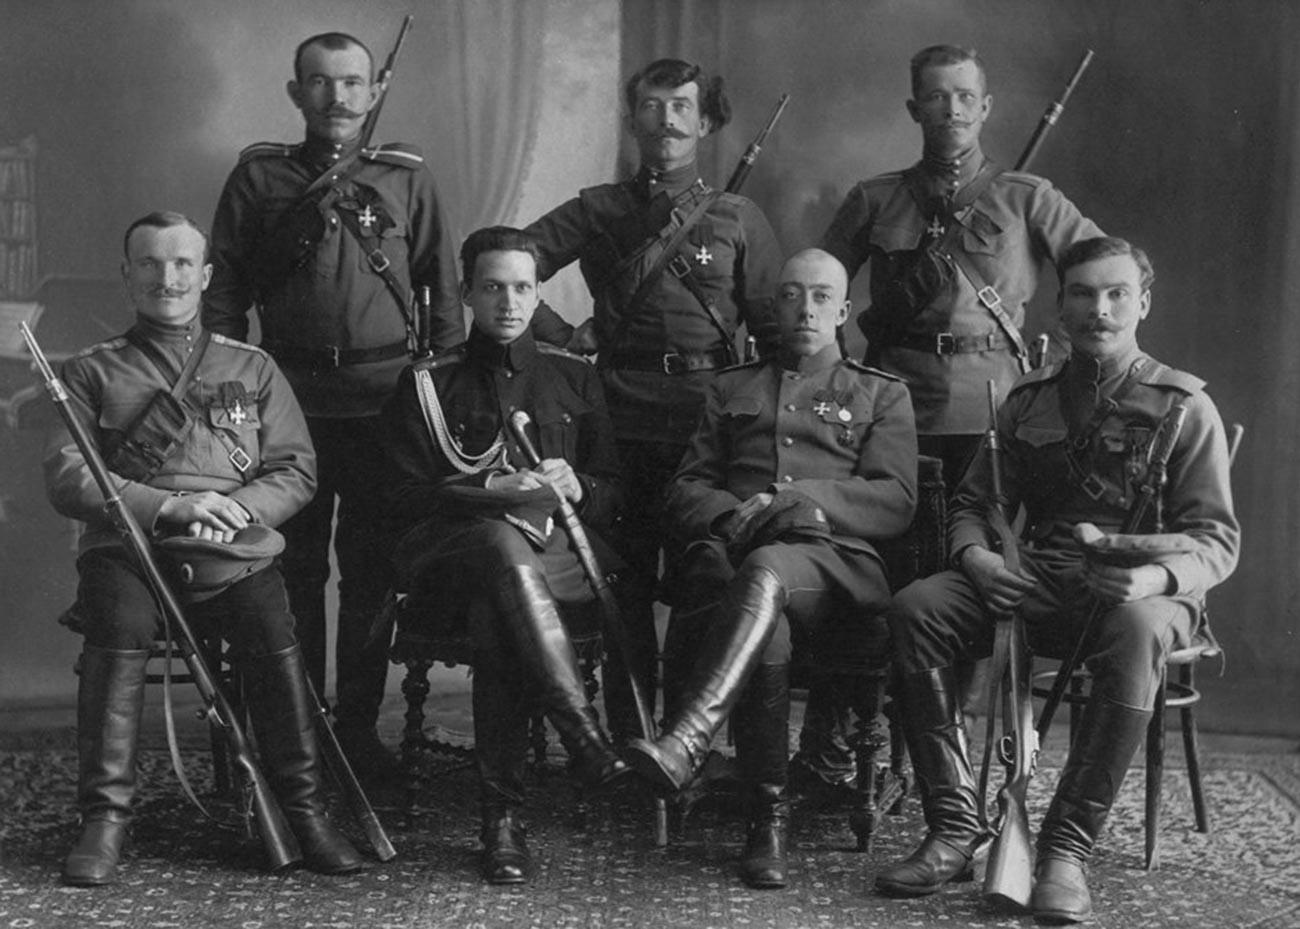 Une délégation du détachement après une visite auprès du ministre de la Guerre, Alexandre Goutchkov. Petrograd. Le 9 mars 1917.